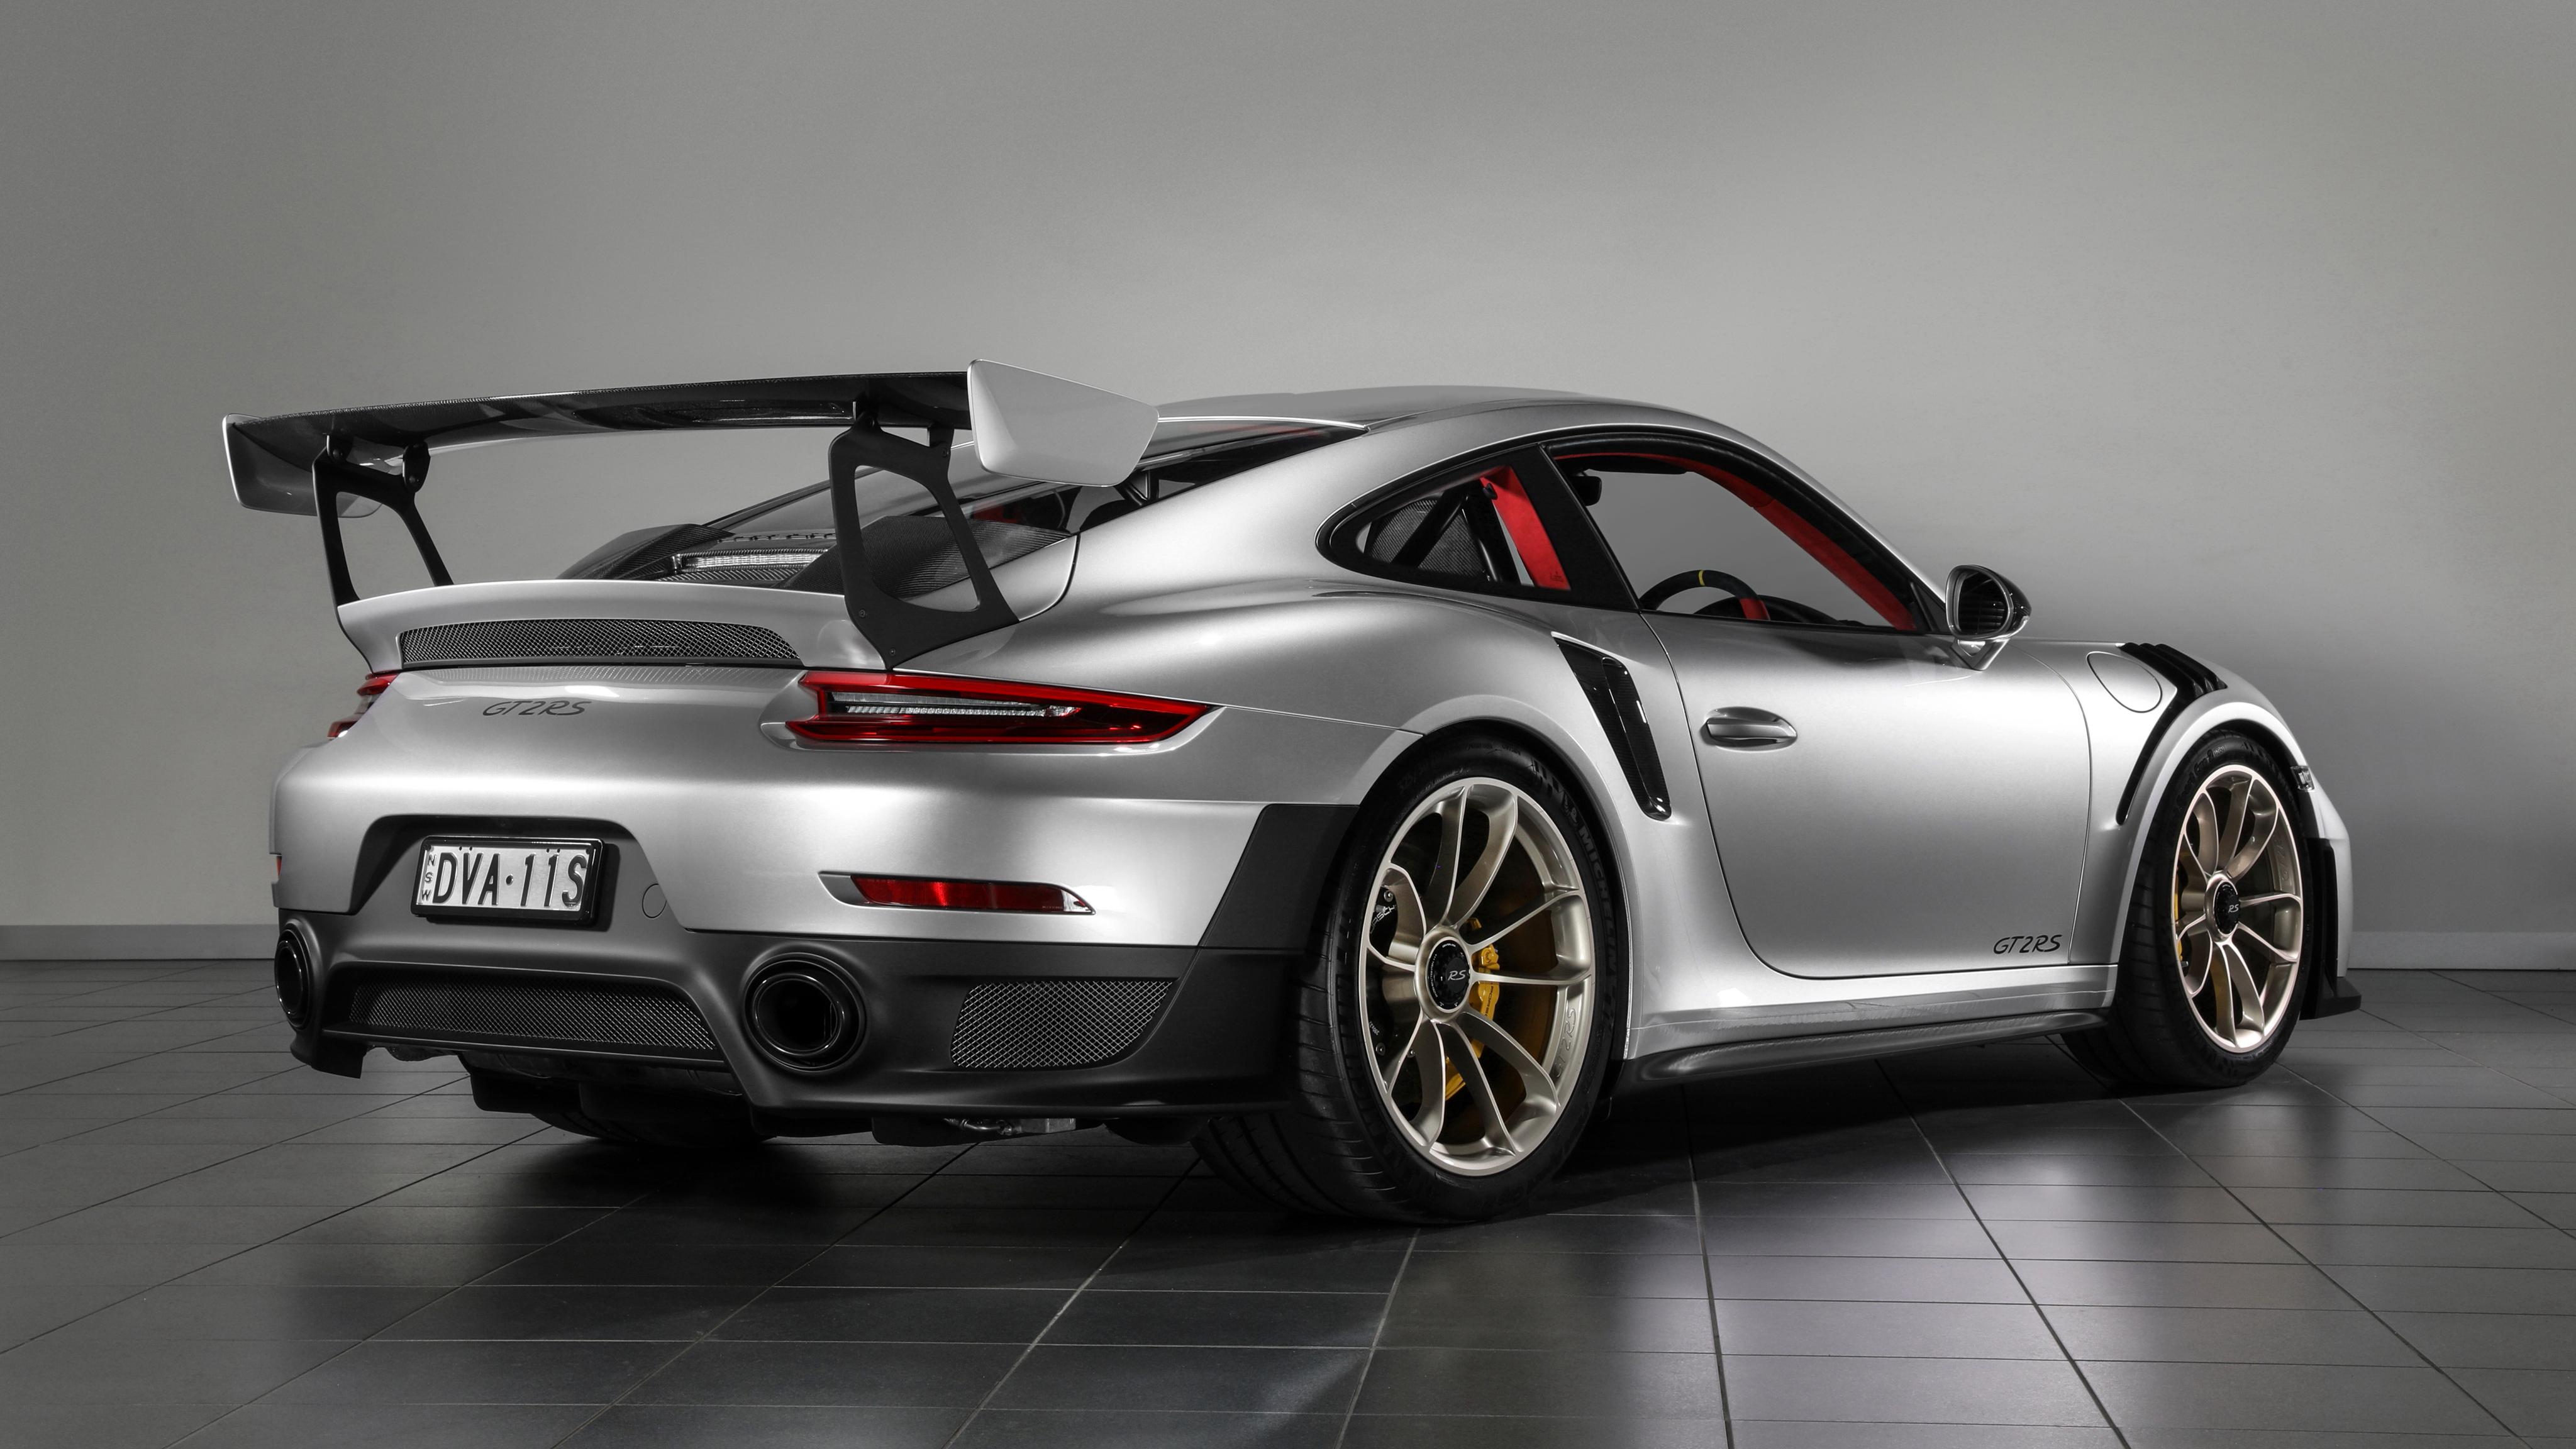 4k Porche Carrera Gt Wallpaper: 2018 Porsche 911 GT2 RS 4K 4 Wallpaper